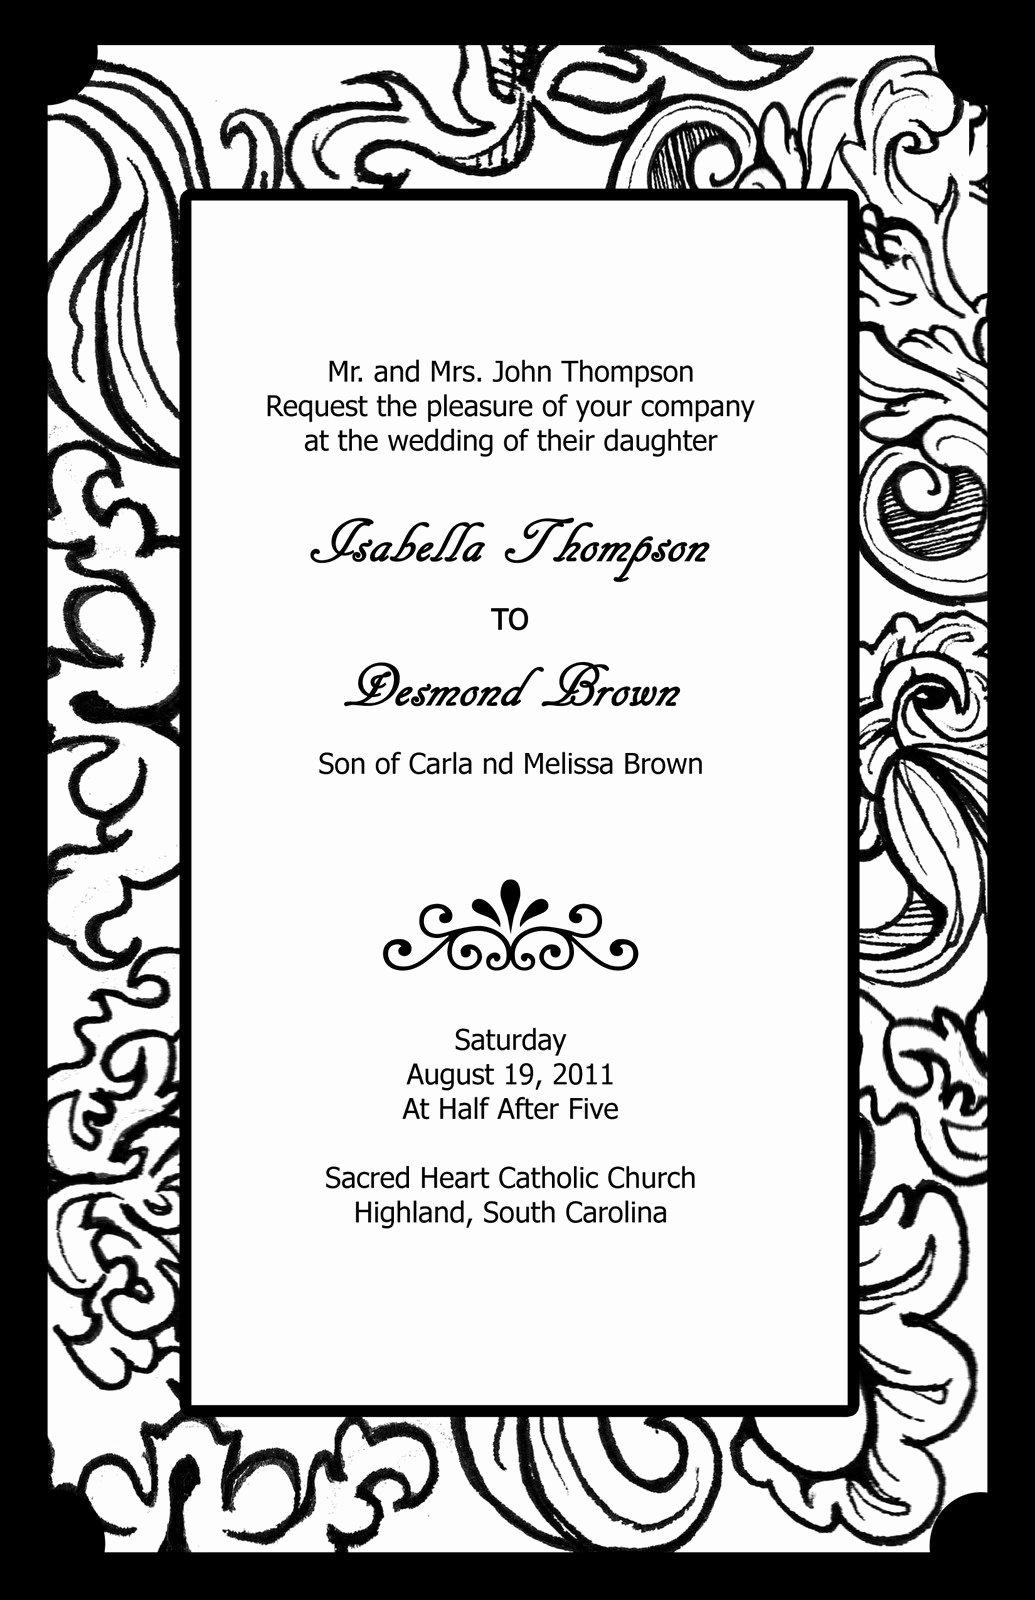 Gold Wedding Invitations Black and White Invi with Black White and Red Wedding Invitation Cards